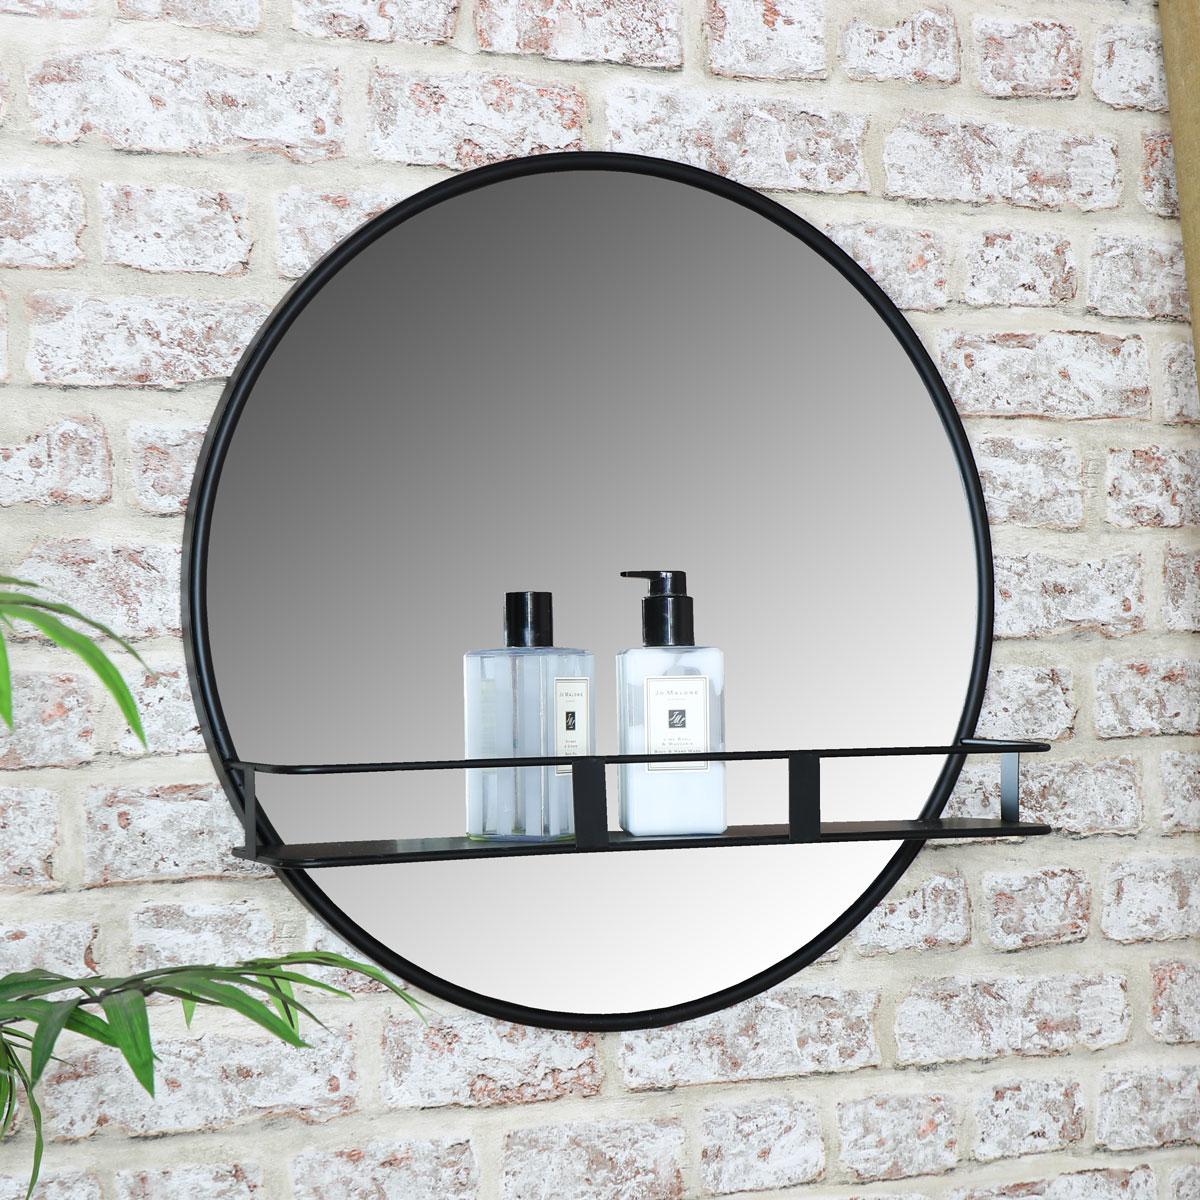 Round Wall Mirror With Shelf, Round Mirror With A Shelf